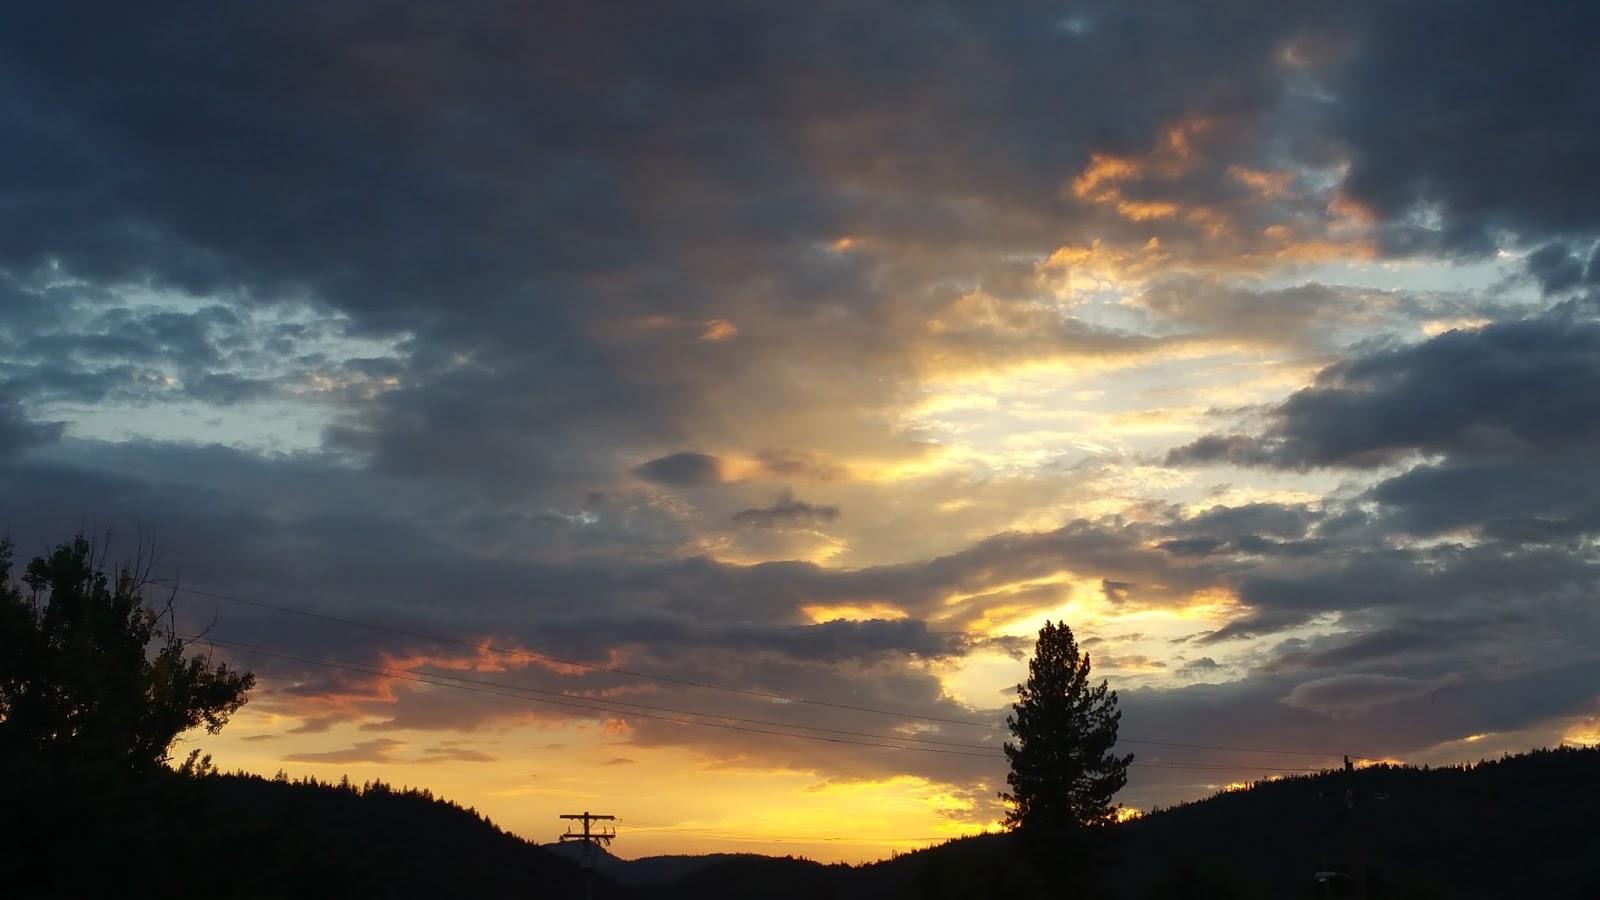 A deep orange sunset seen from a little town.